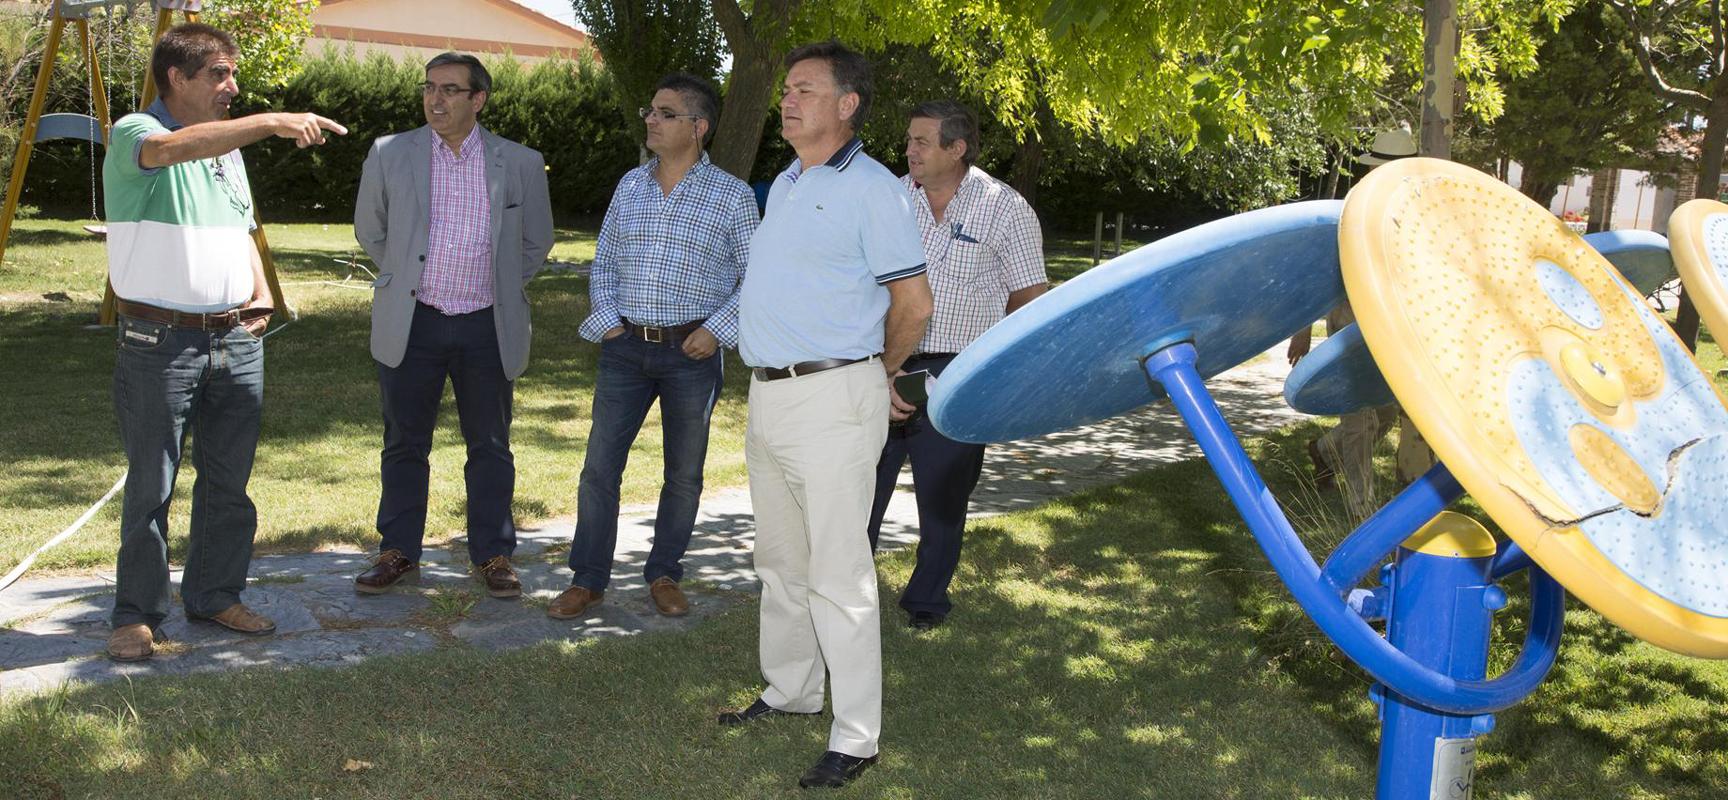 El Presidente de la Diputación y los diputados junto al alcalde de Fresneda en la visita al parque donde se ubica el circuito biosaludable.